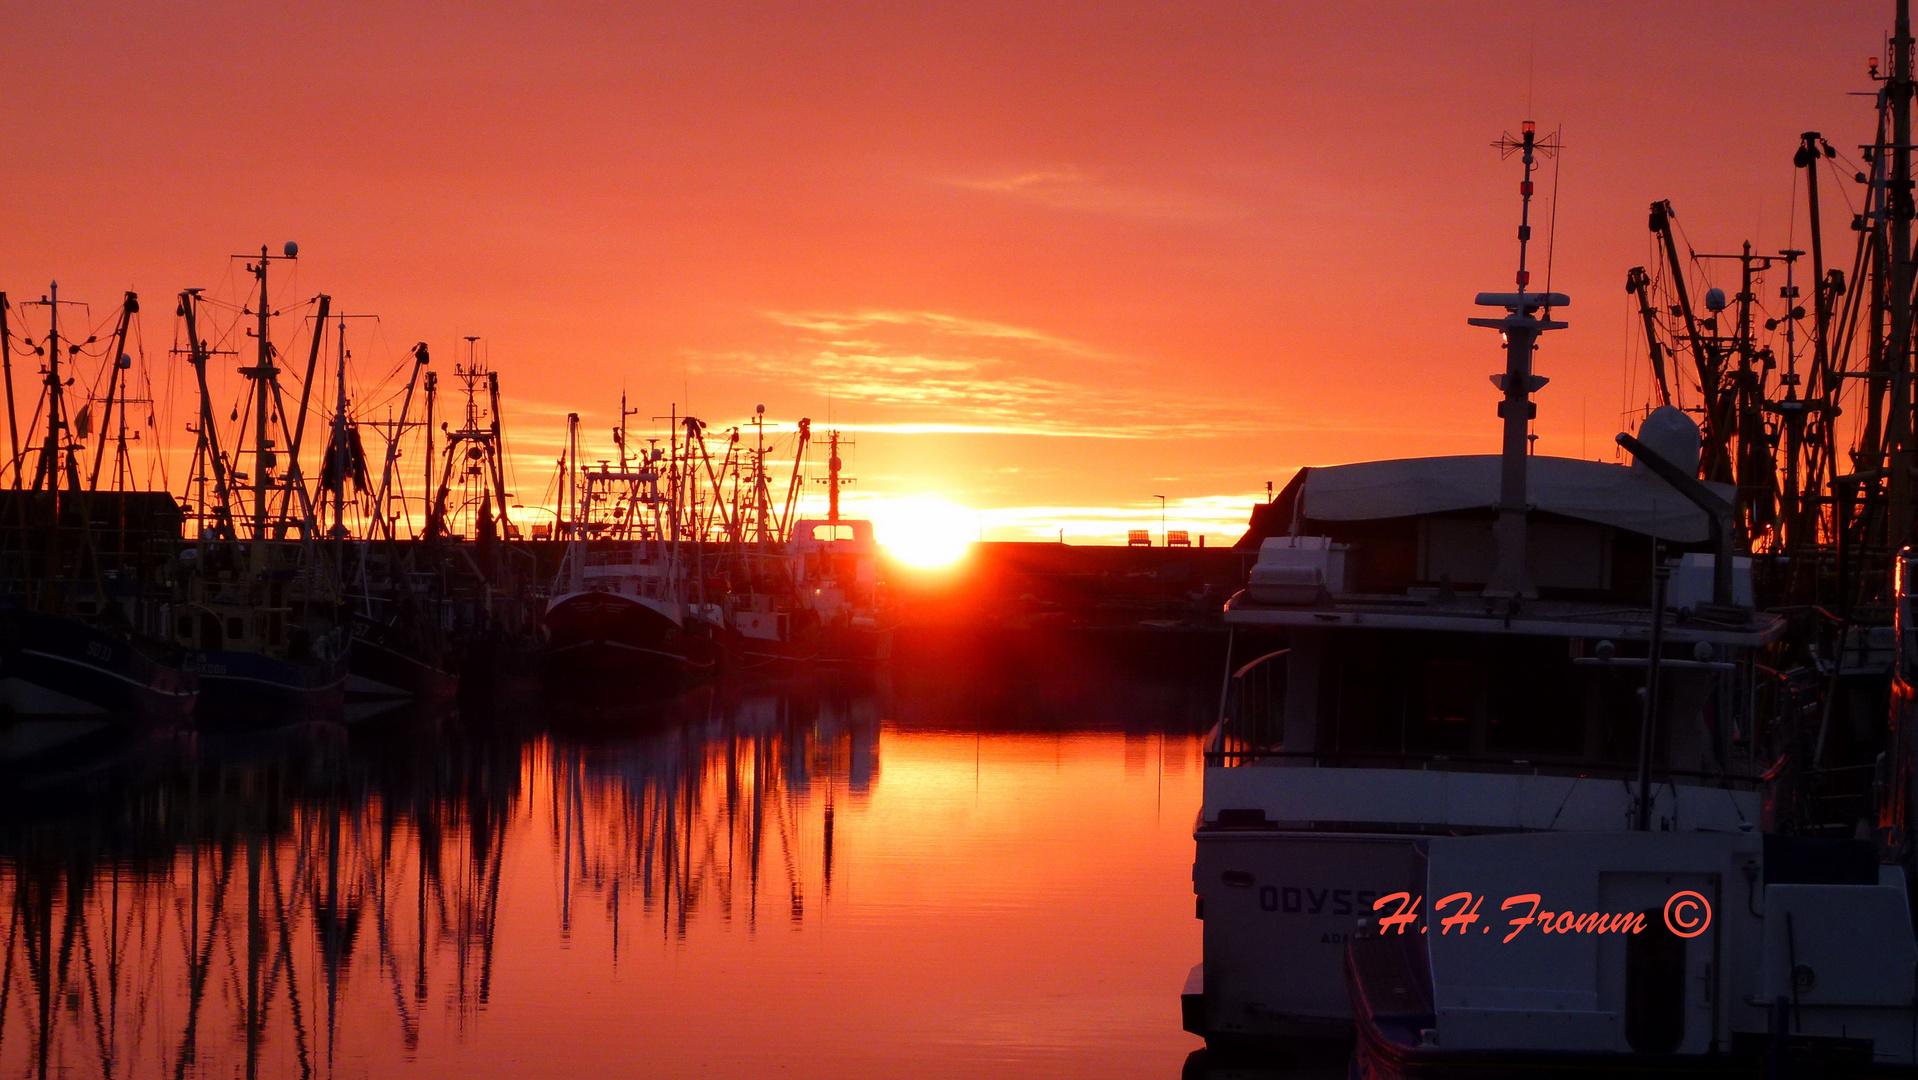 Büsumer Kutter im Sonnenuntergang im Hafen - 29.12.2014 -